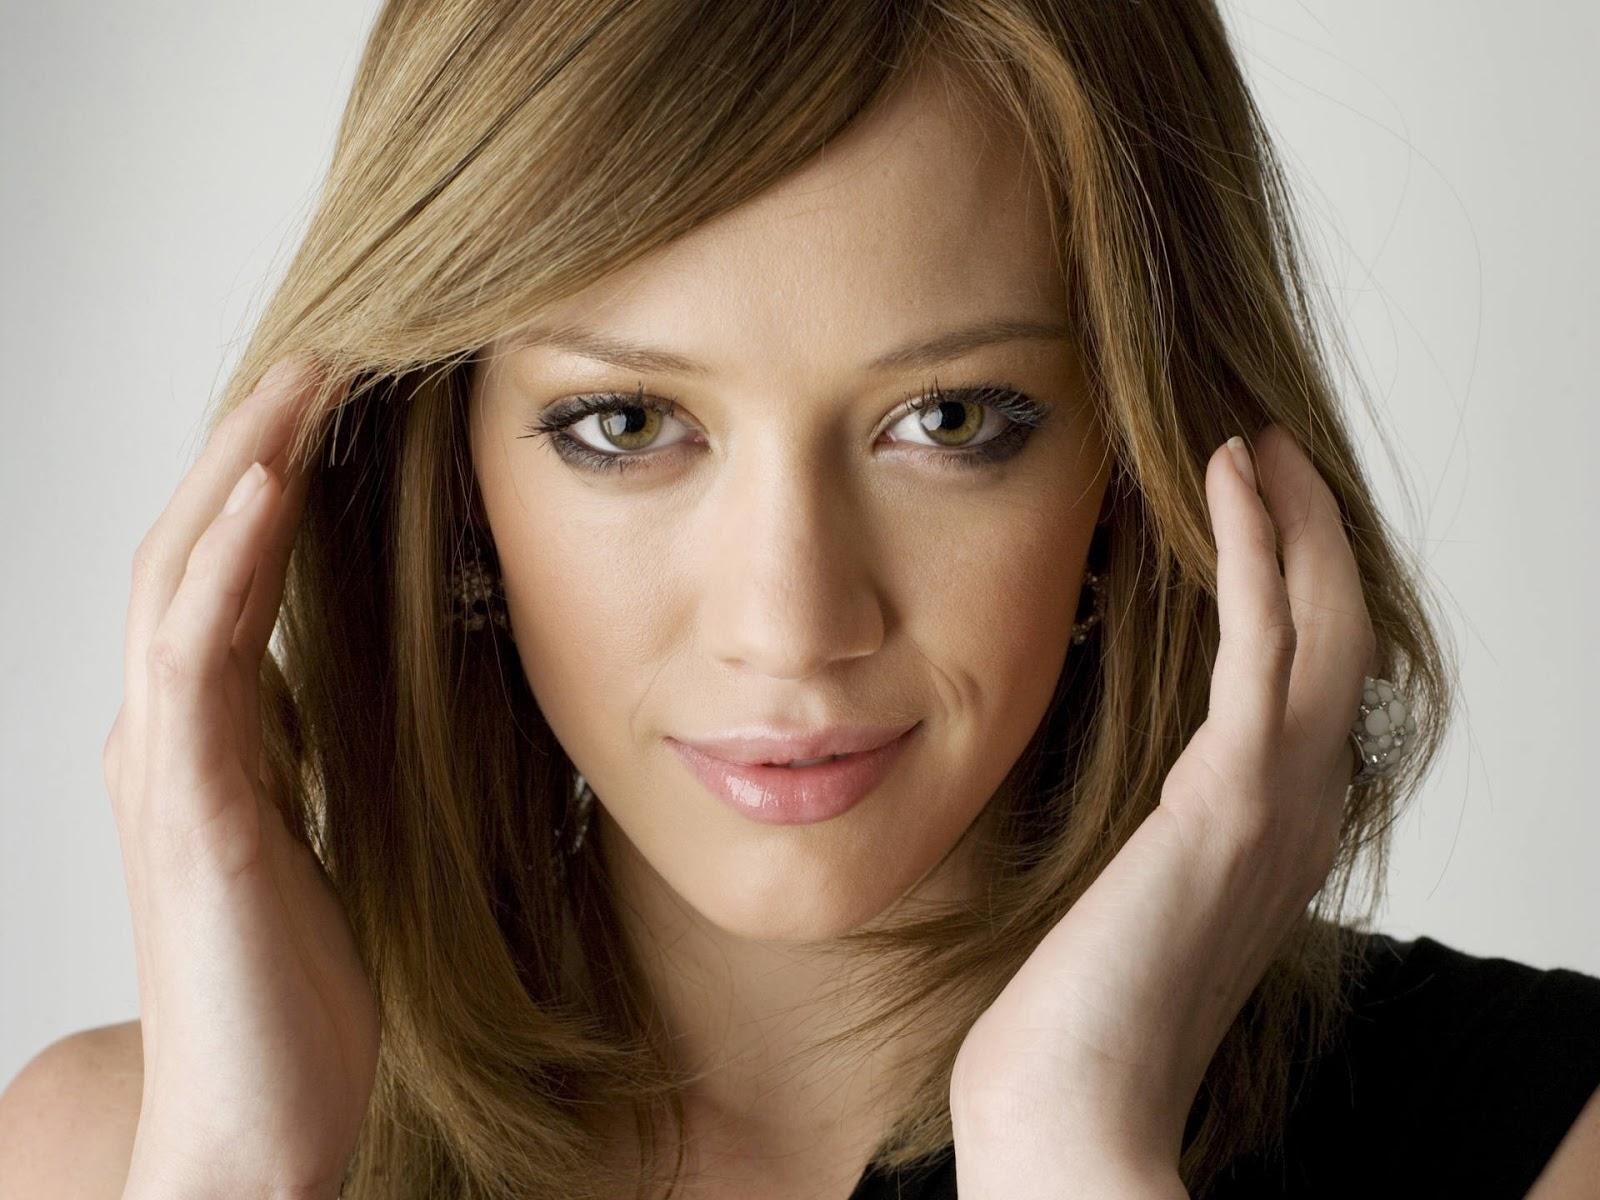 Hilary Duff Smiling